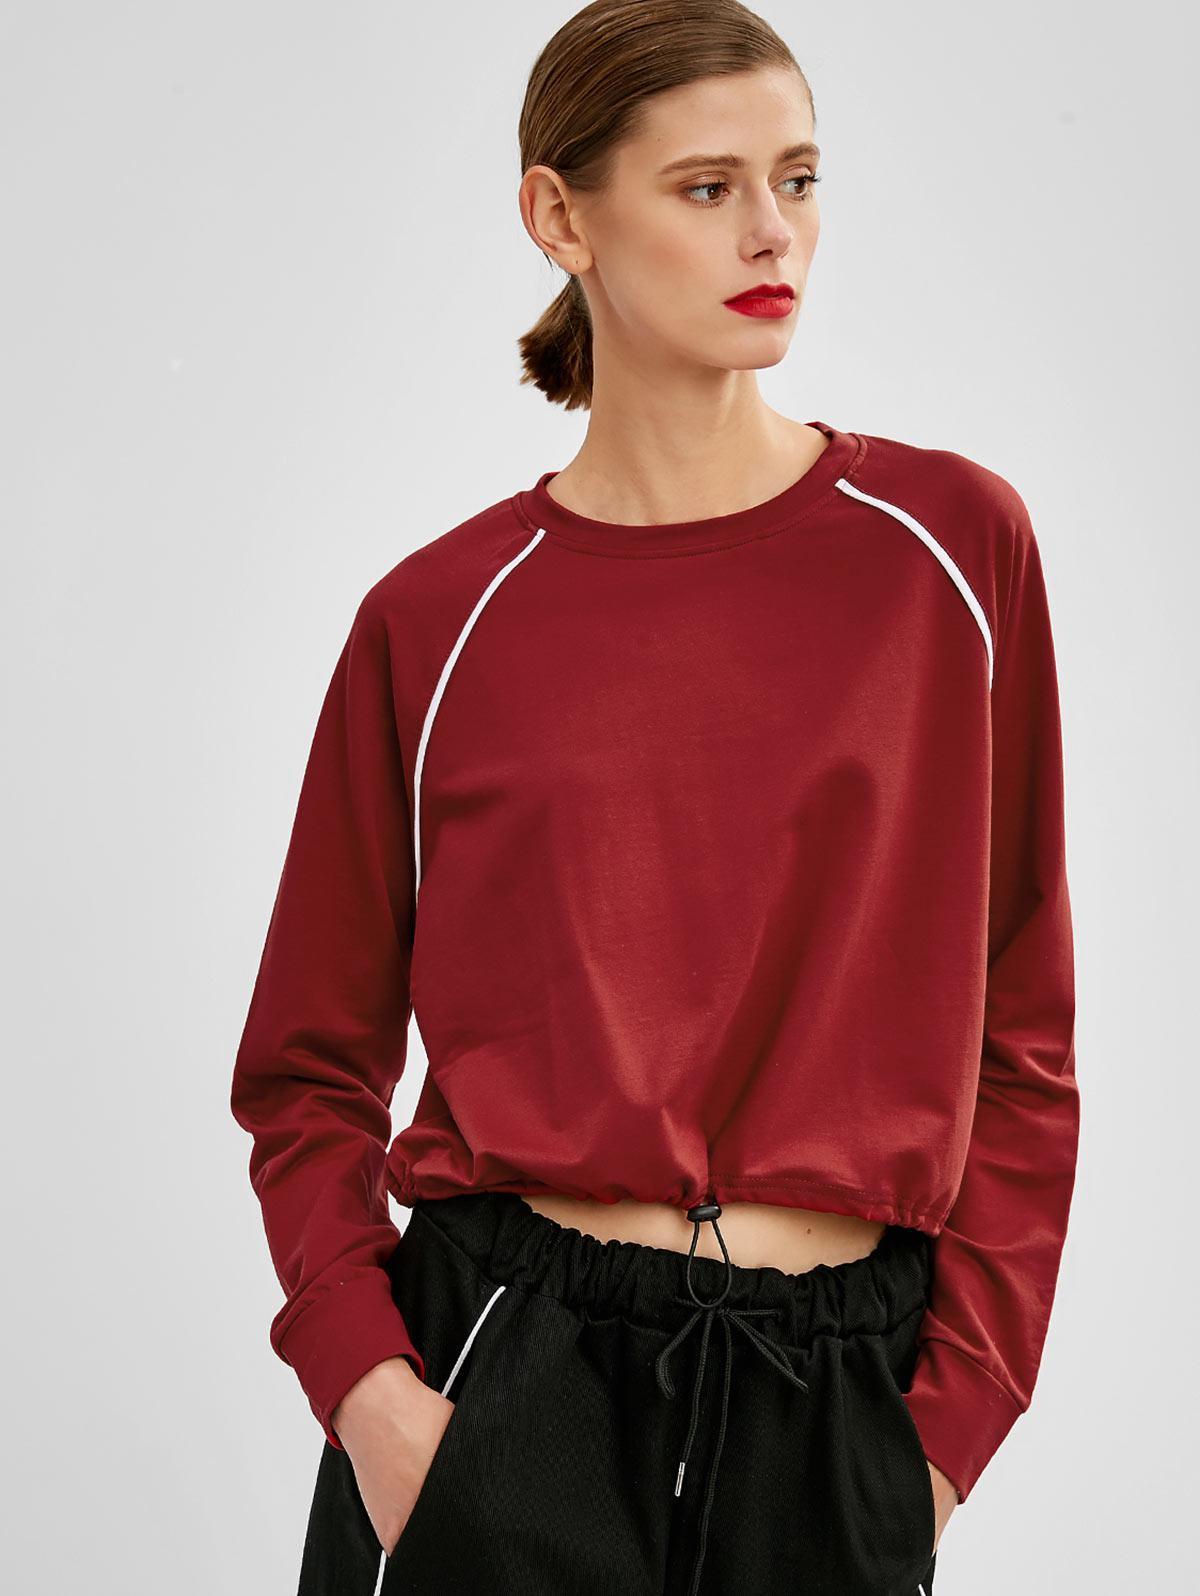 Raglan Sleeve Striped Casual Sweatshirt